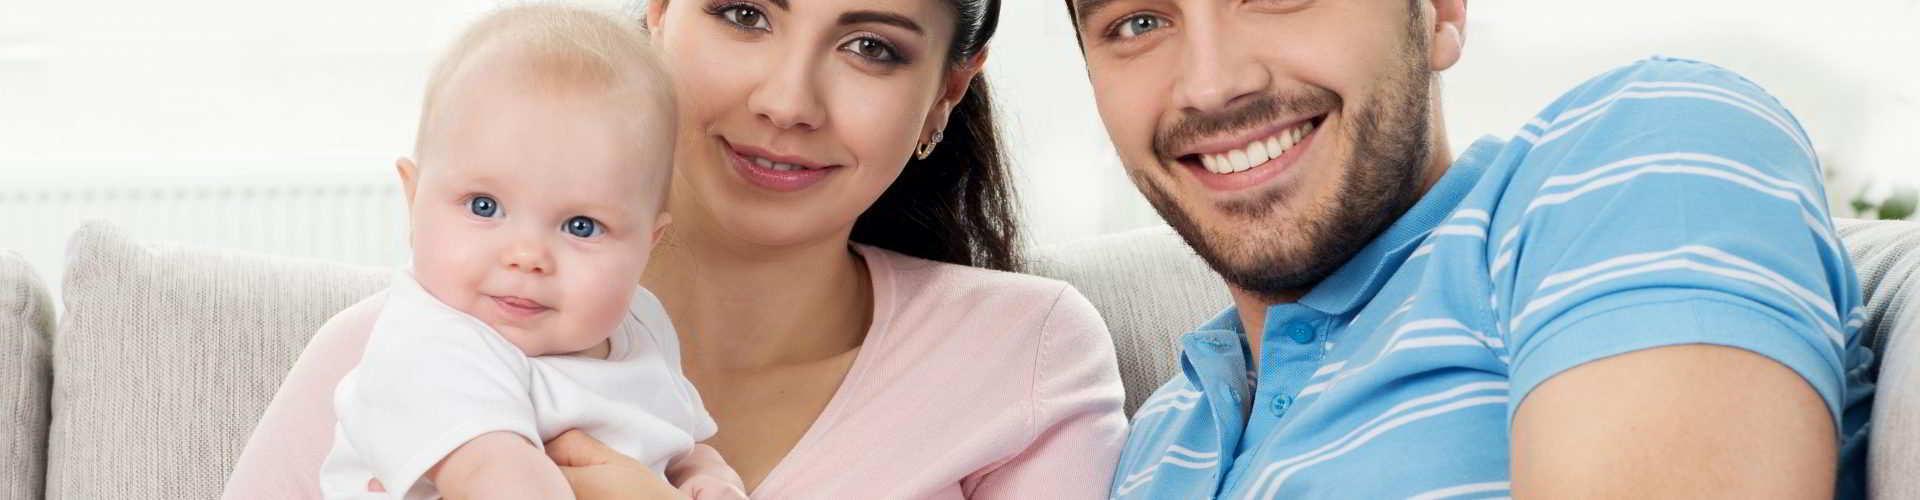 tratamento de infertilidade